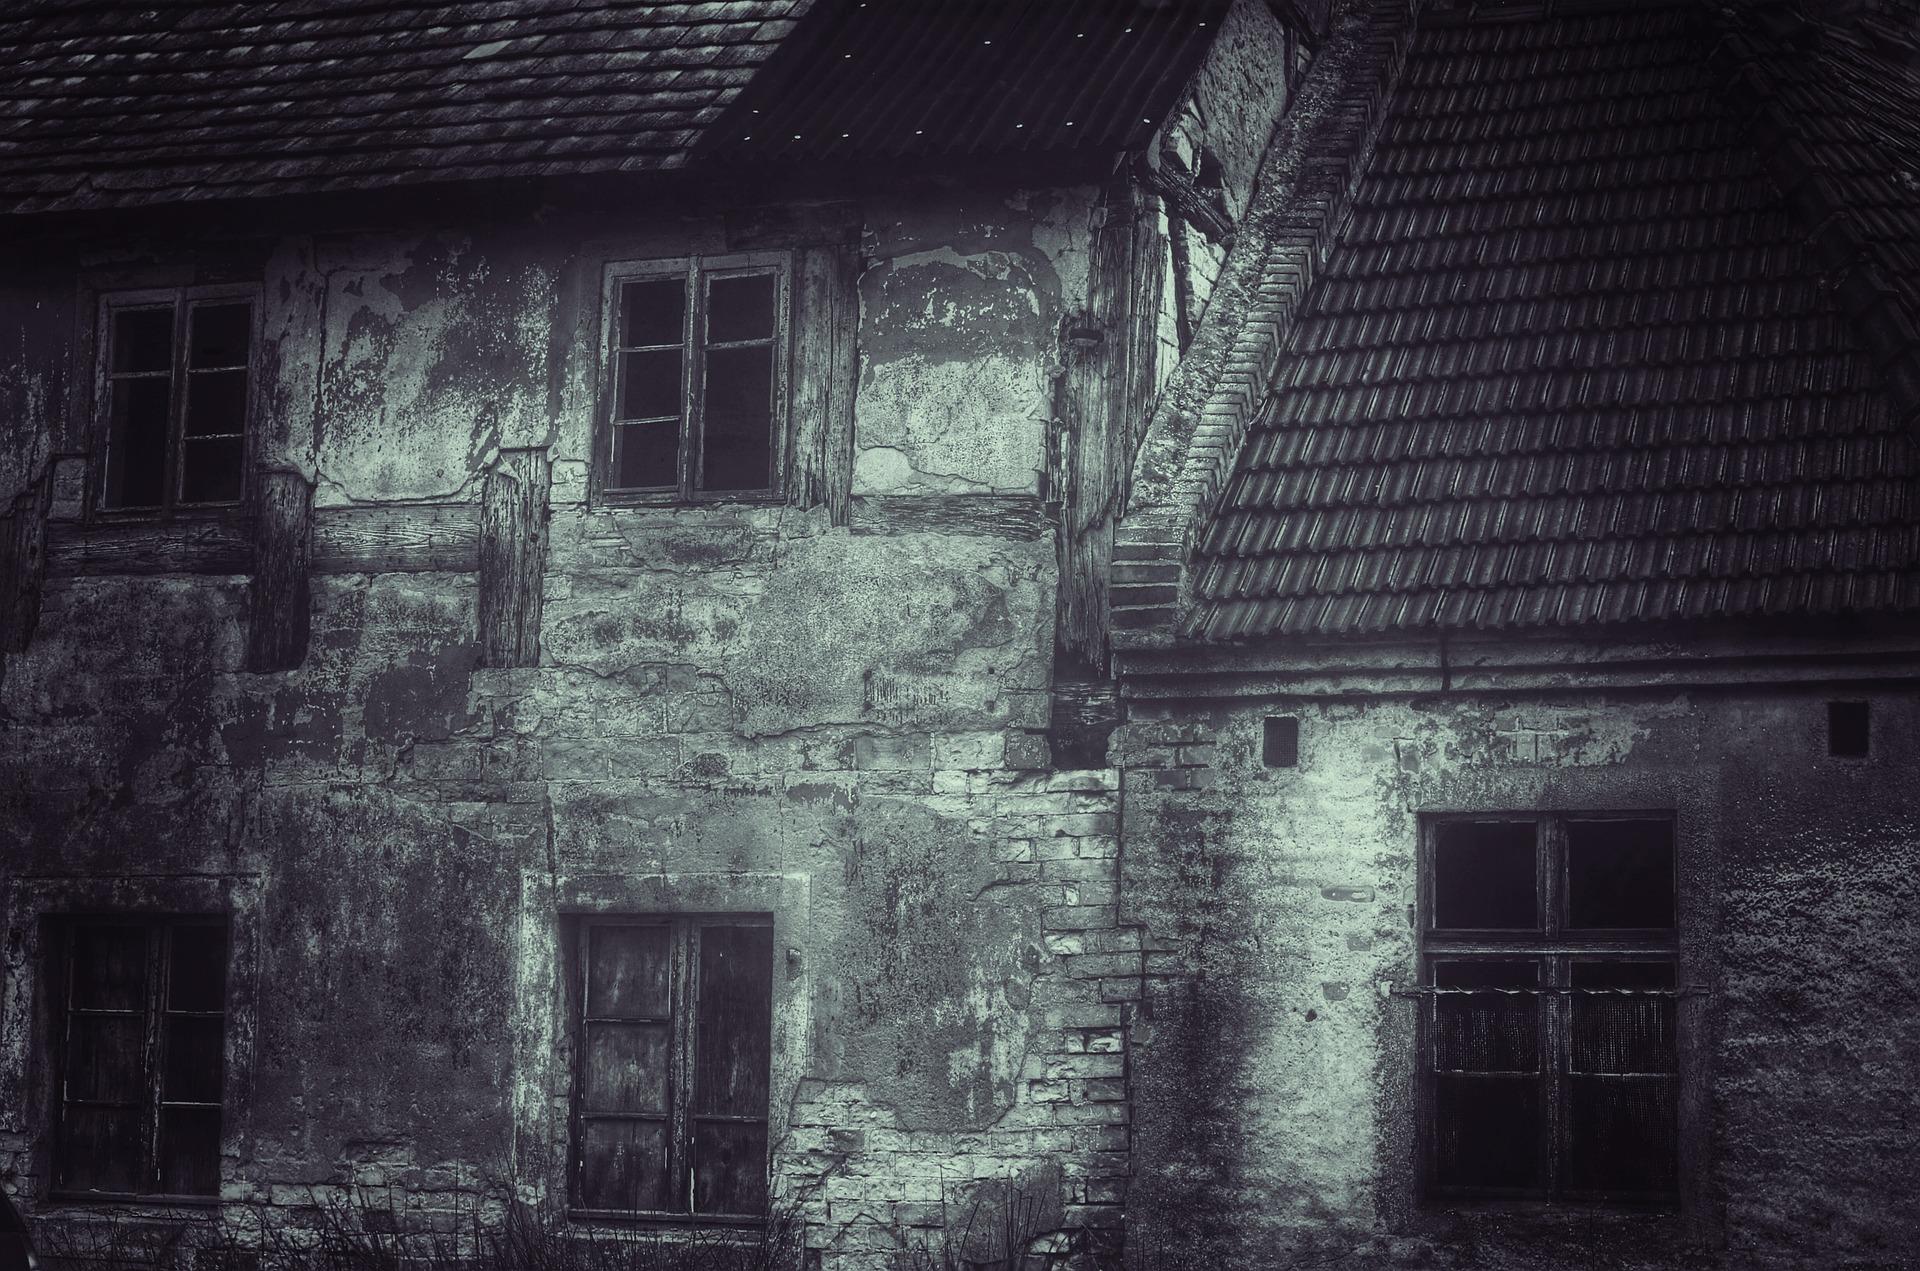 Haunted, abandoned house